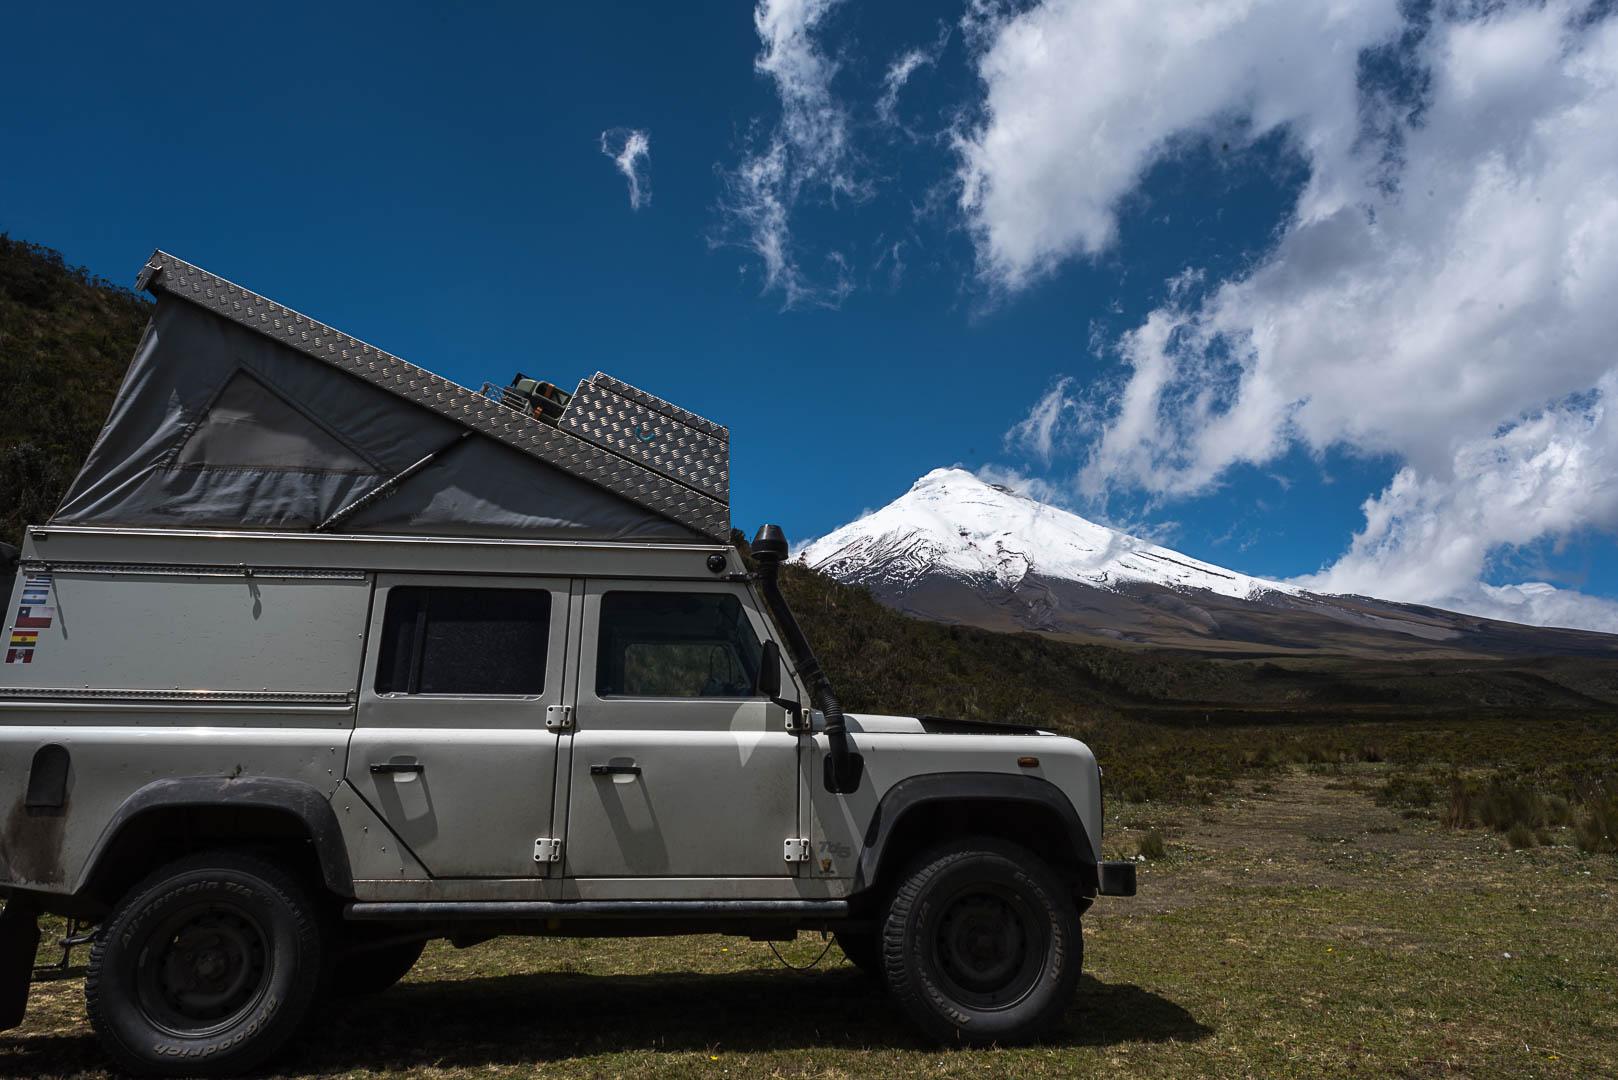 Cuenca – Vulkan Chimborazo – Baños – N.P. Cotopaxi, Ecuador